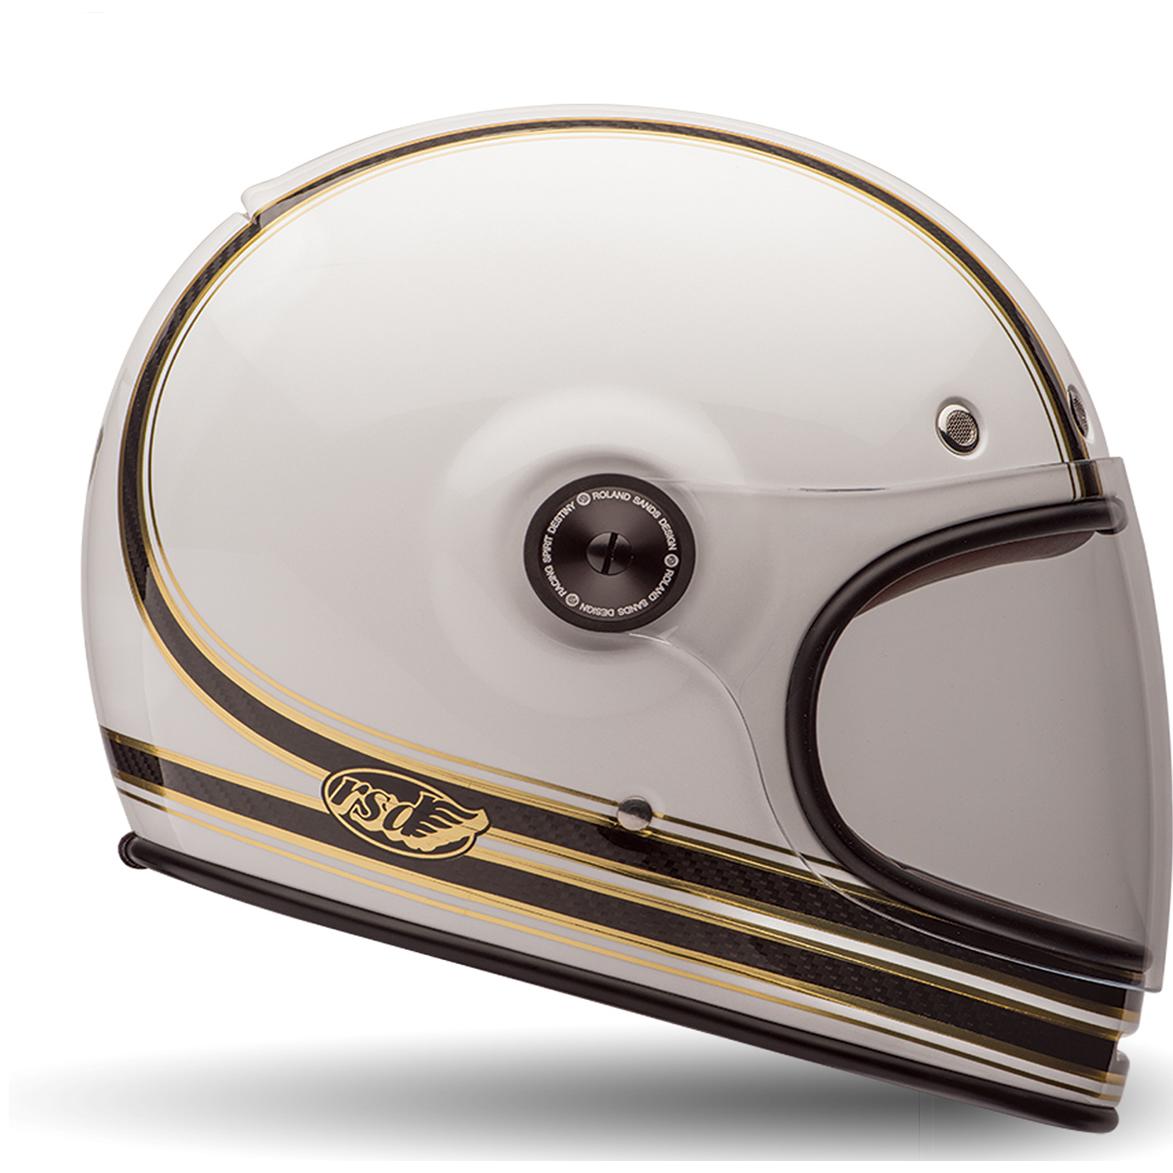 9a747a41 Bell Bullitt Carbon RSD Mojo White Motorcycle Helmet & Bubble Visor ...